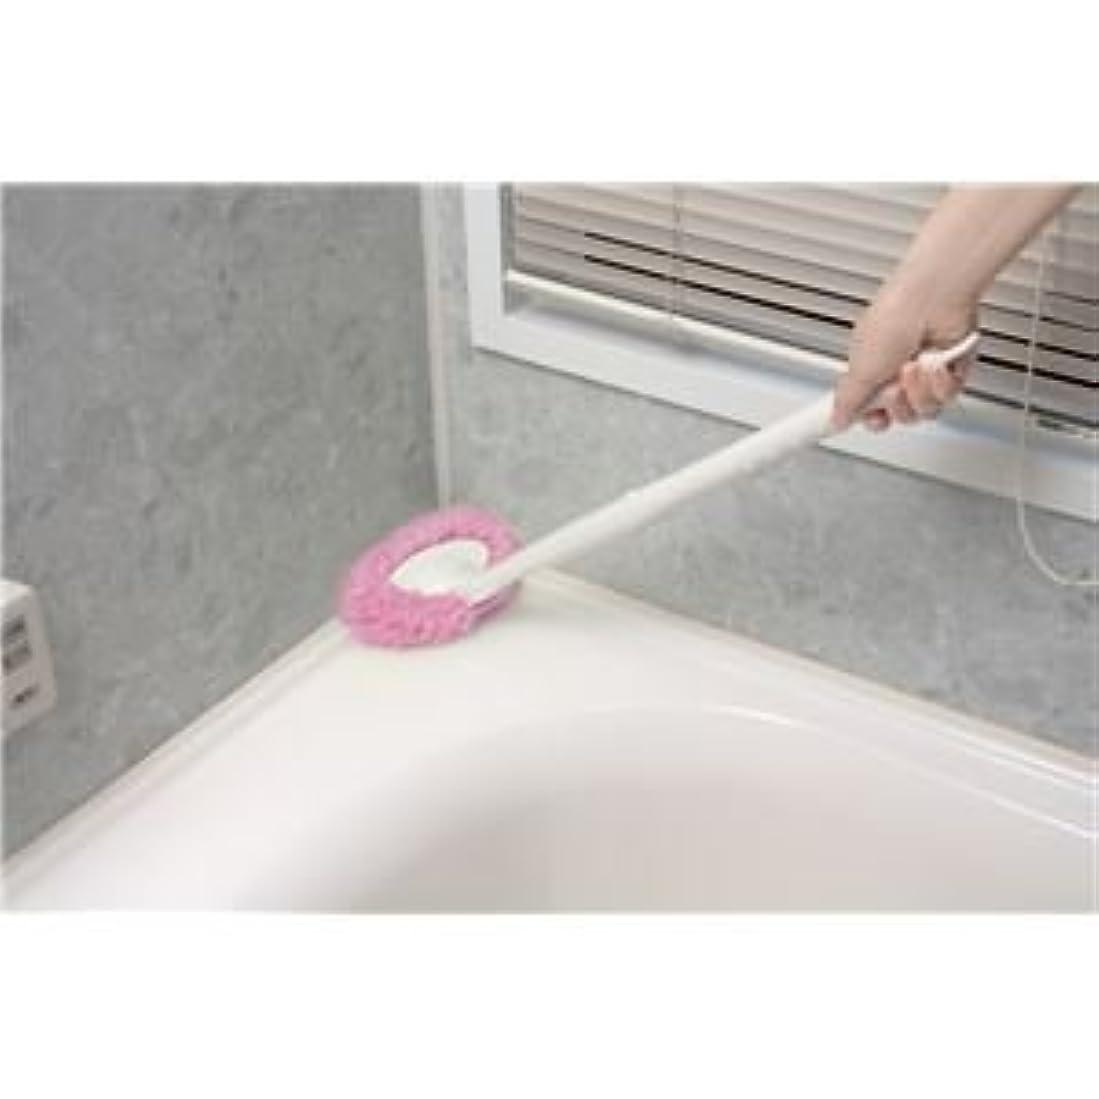 衣装エゴイズムランタンサンコー お風呂びっクリーナーPI (BO-50) ピンク